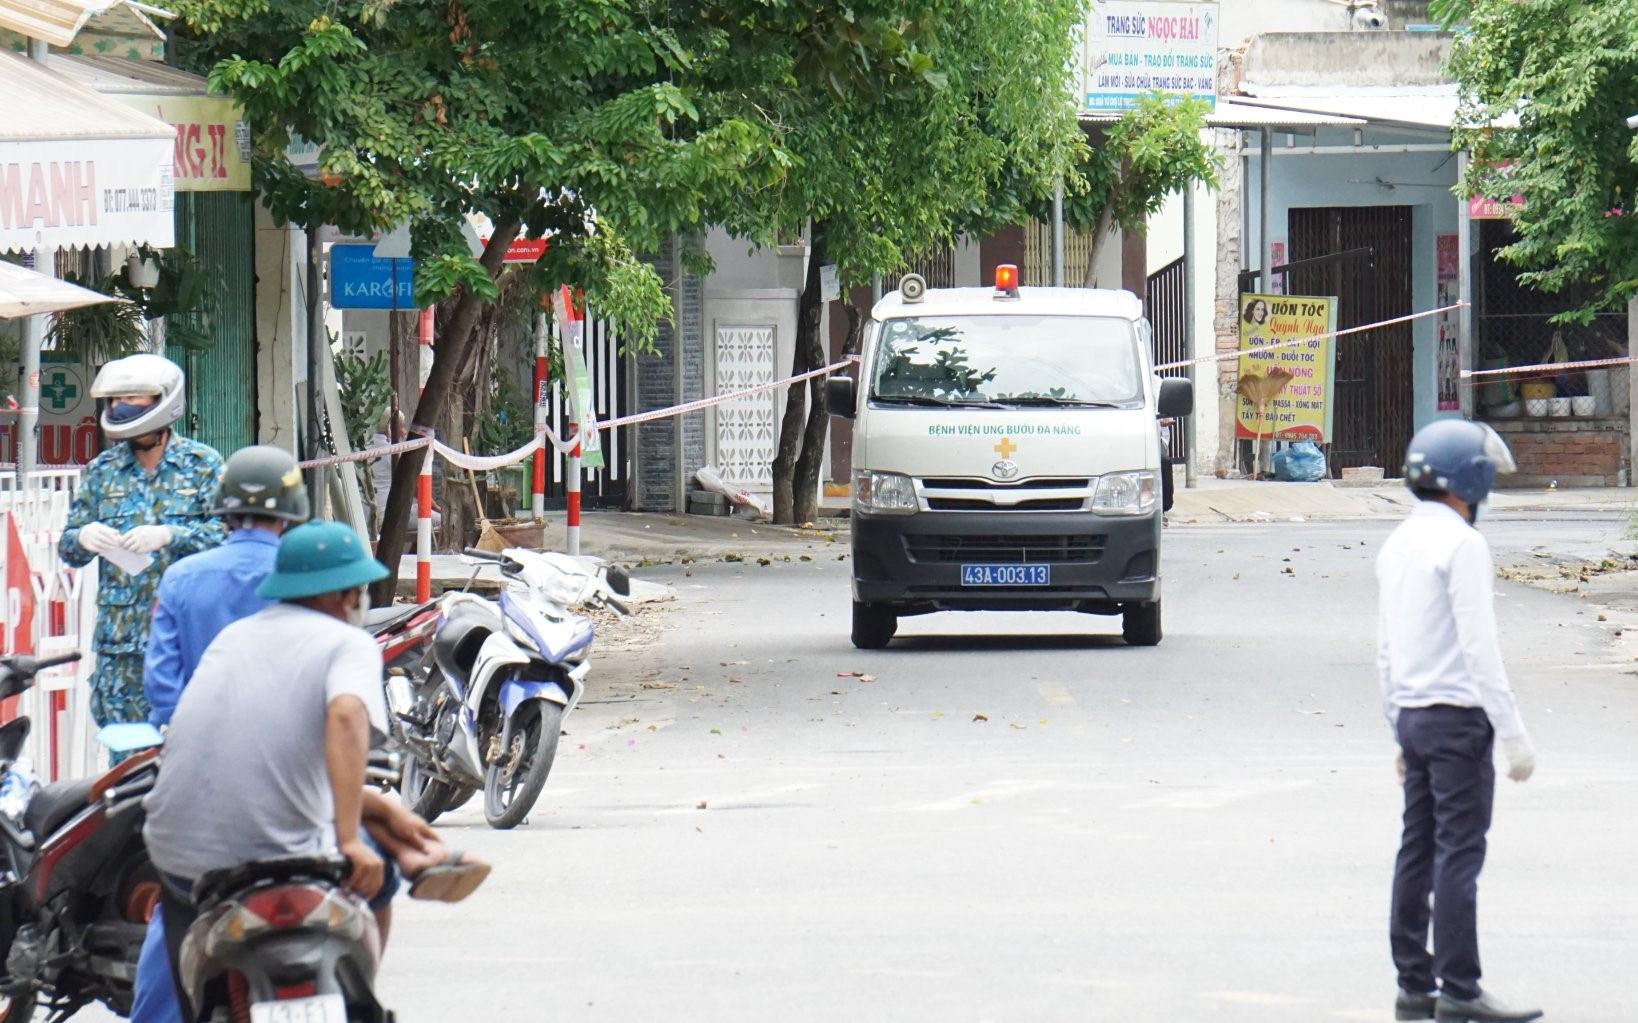 Lịch trình của 14 ca Covid-19 mới ở Đà Nẵng: Có người tiếp xúc với 7 bệnh nhân khác, người đi xe buýt, dự hội nghị, ăn liên hoan